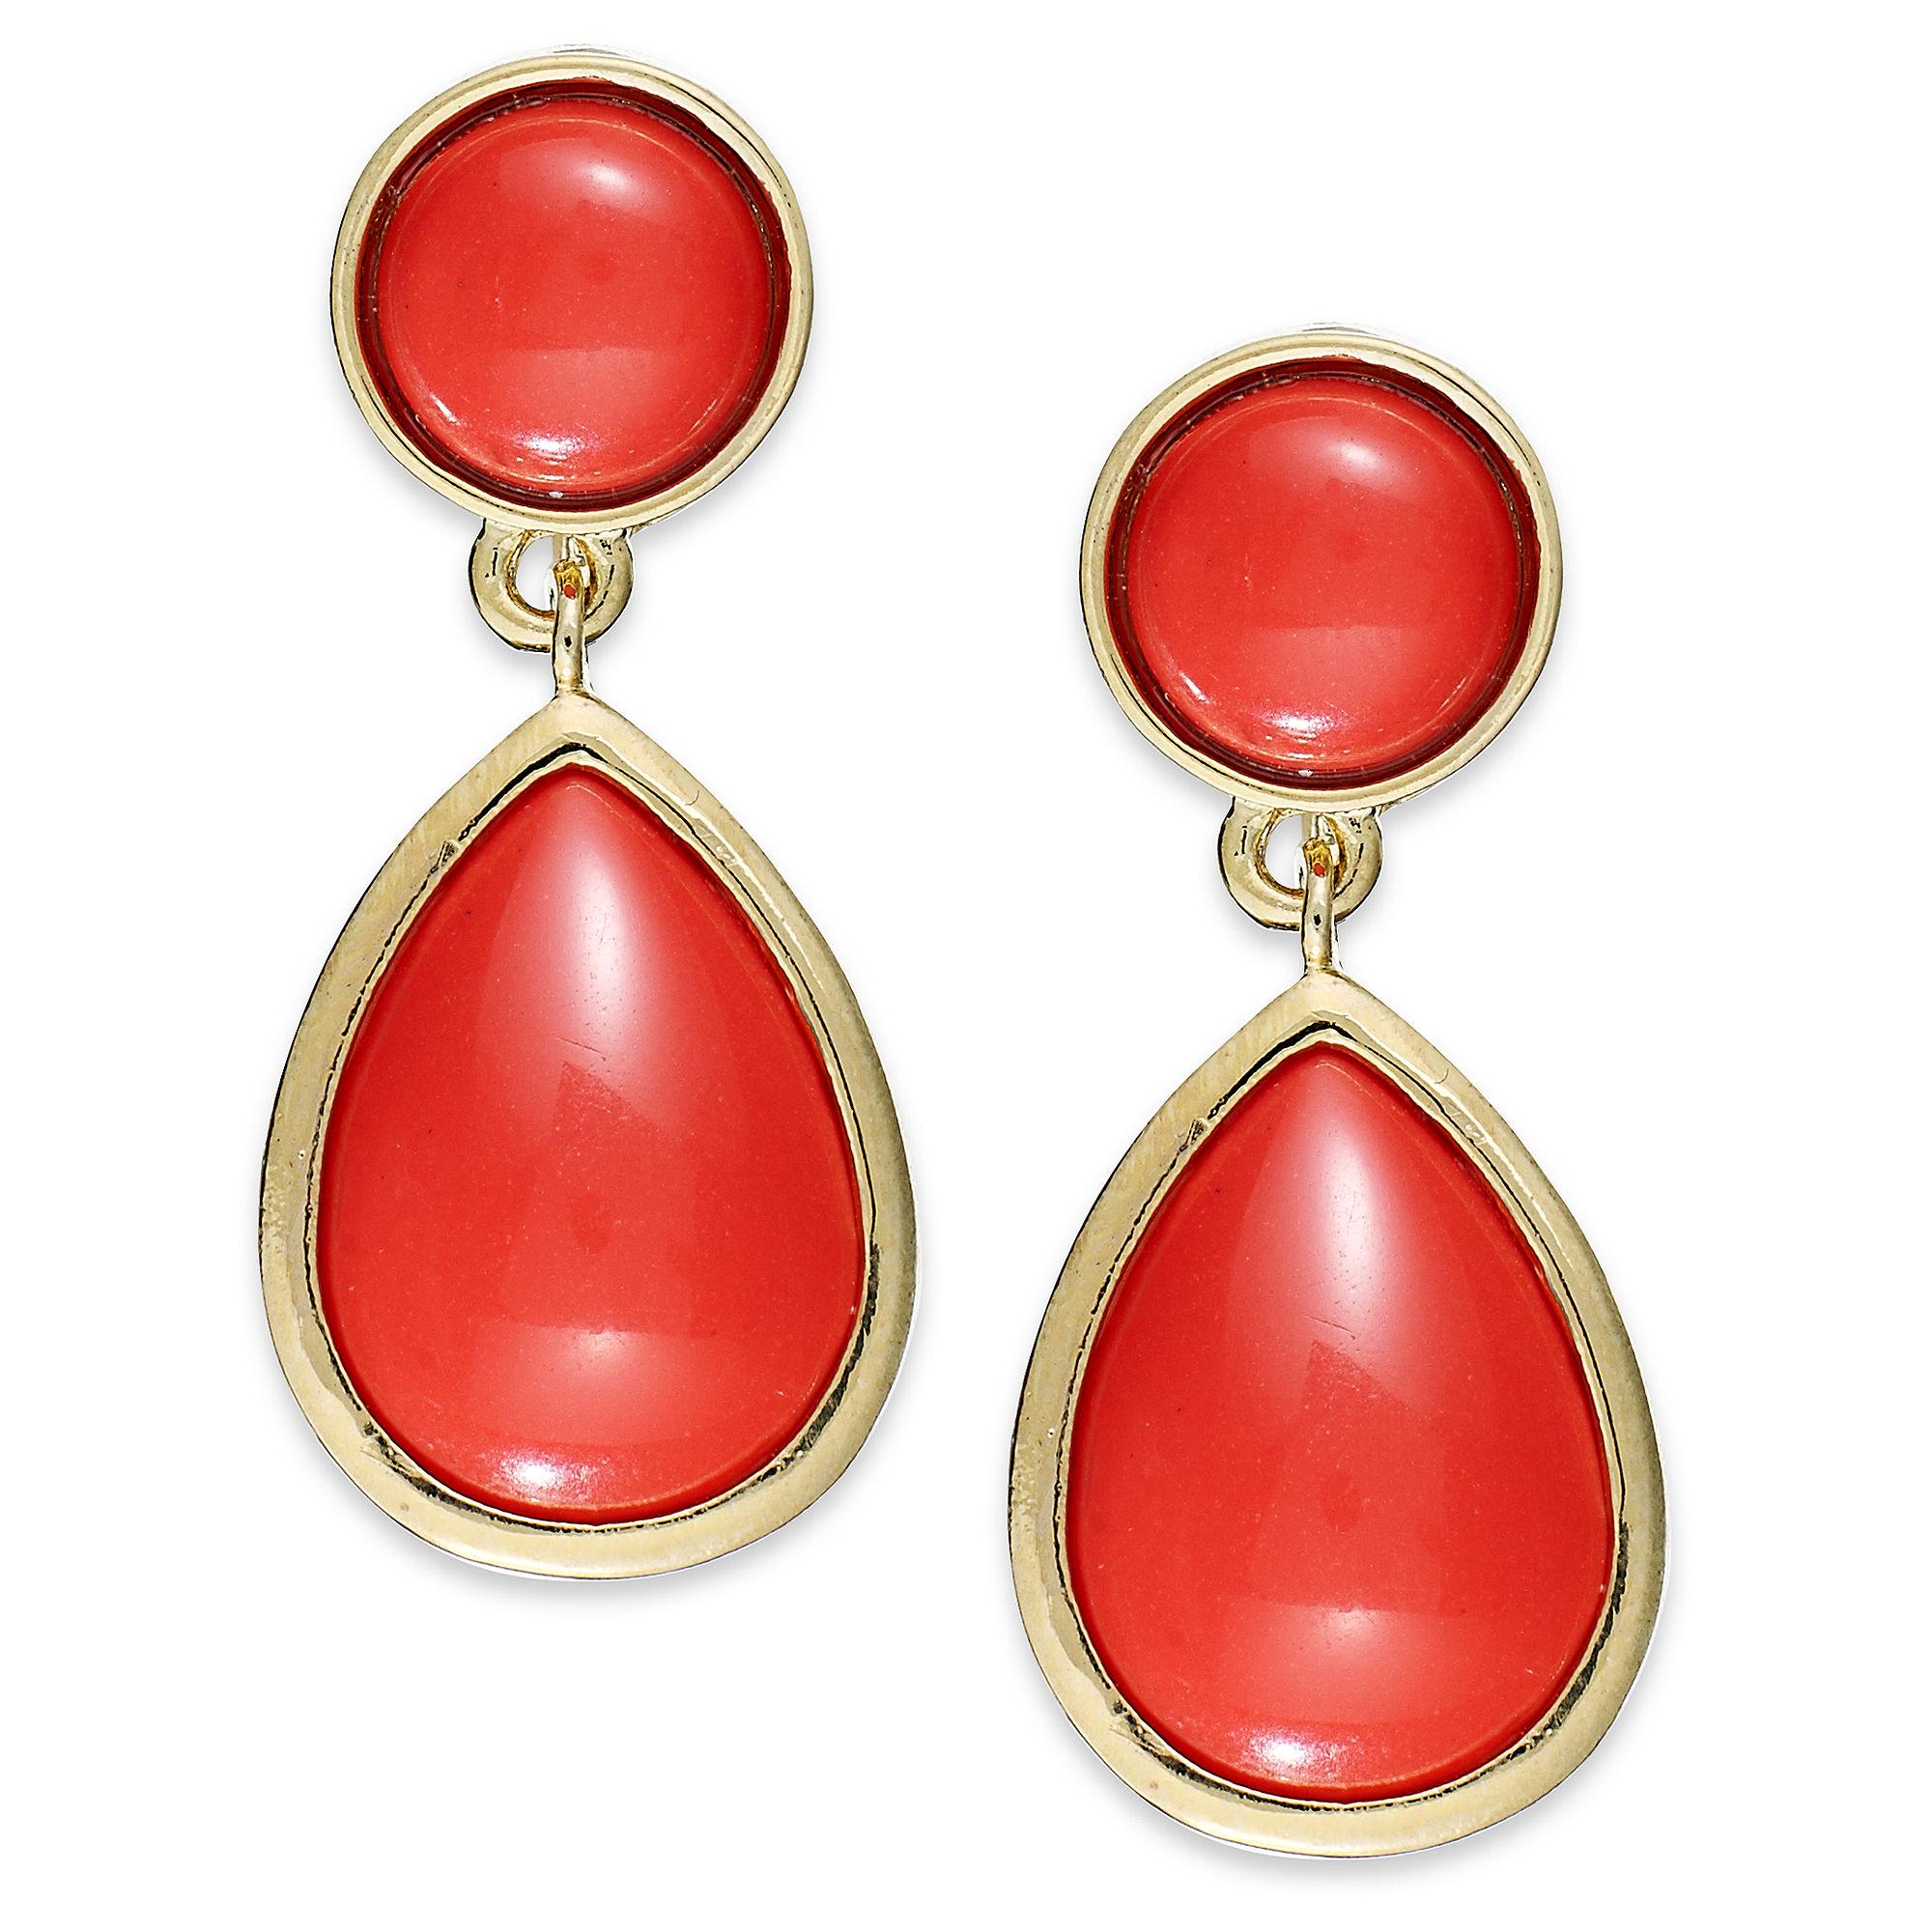 Fashion Gold Tone Teardrop Earrings